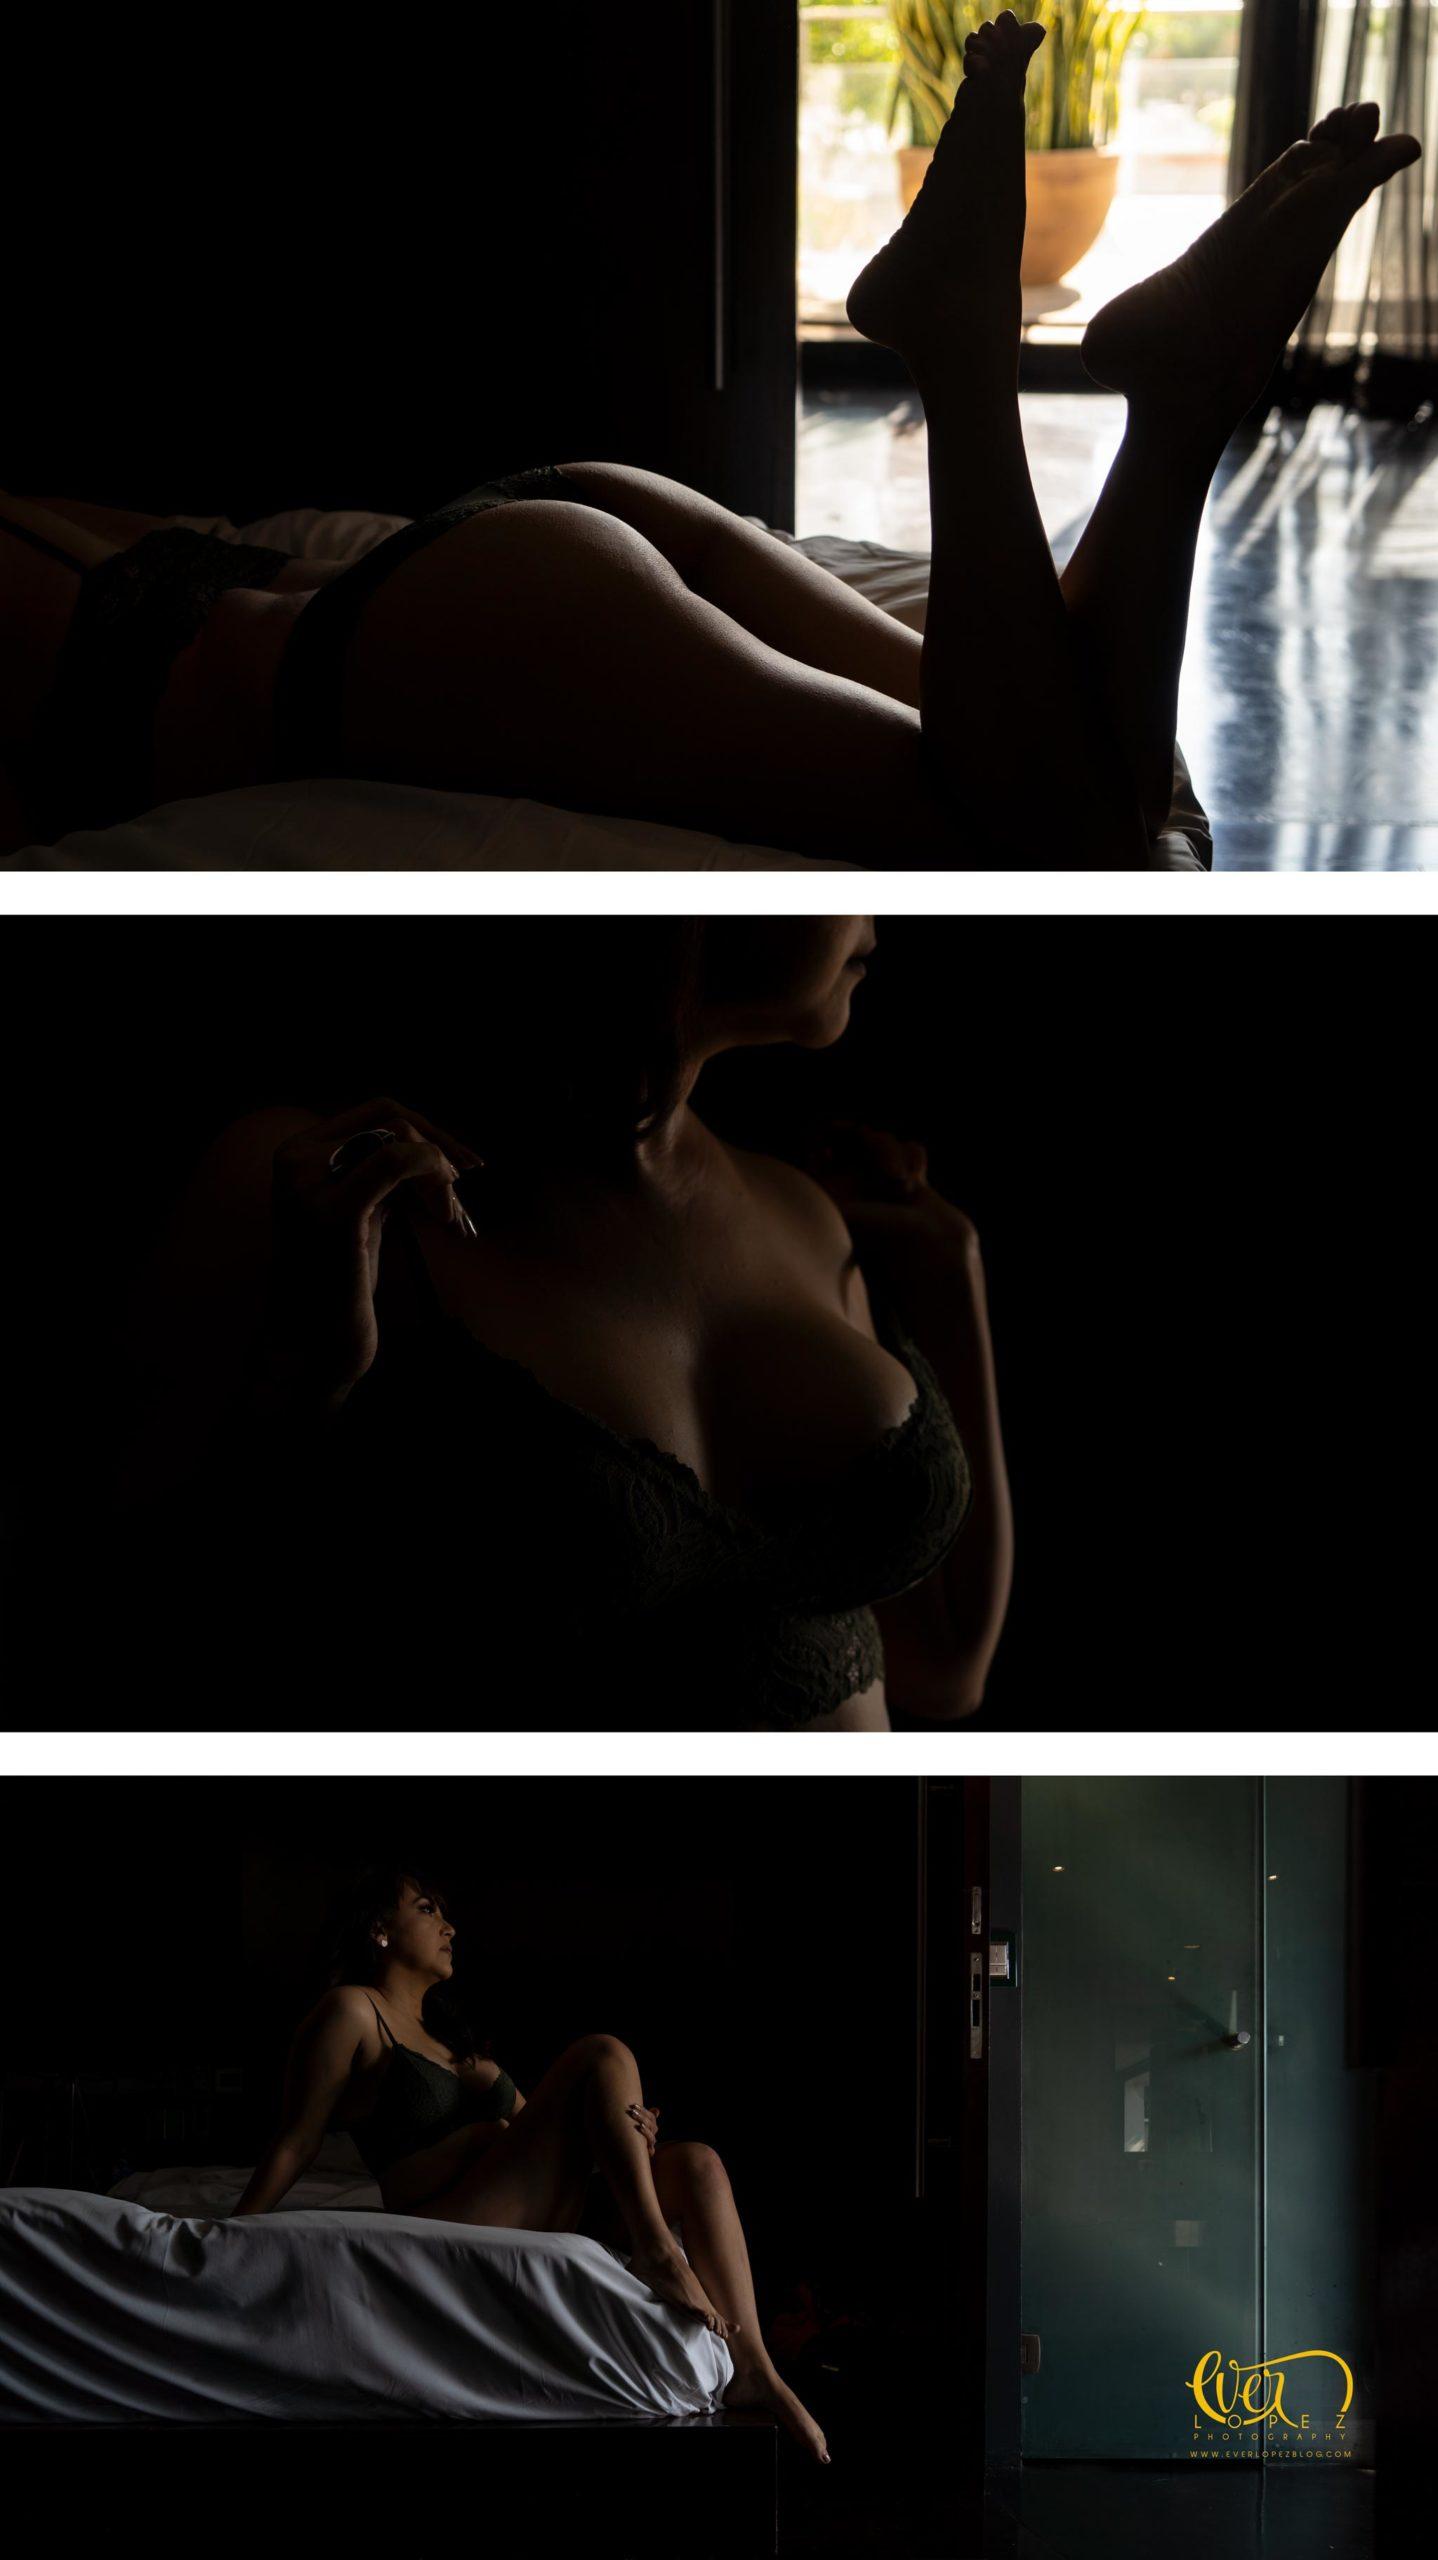 sesión de fotografías sexys en lenceria